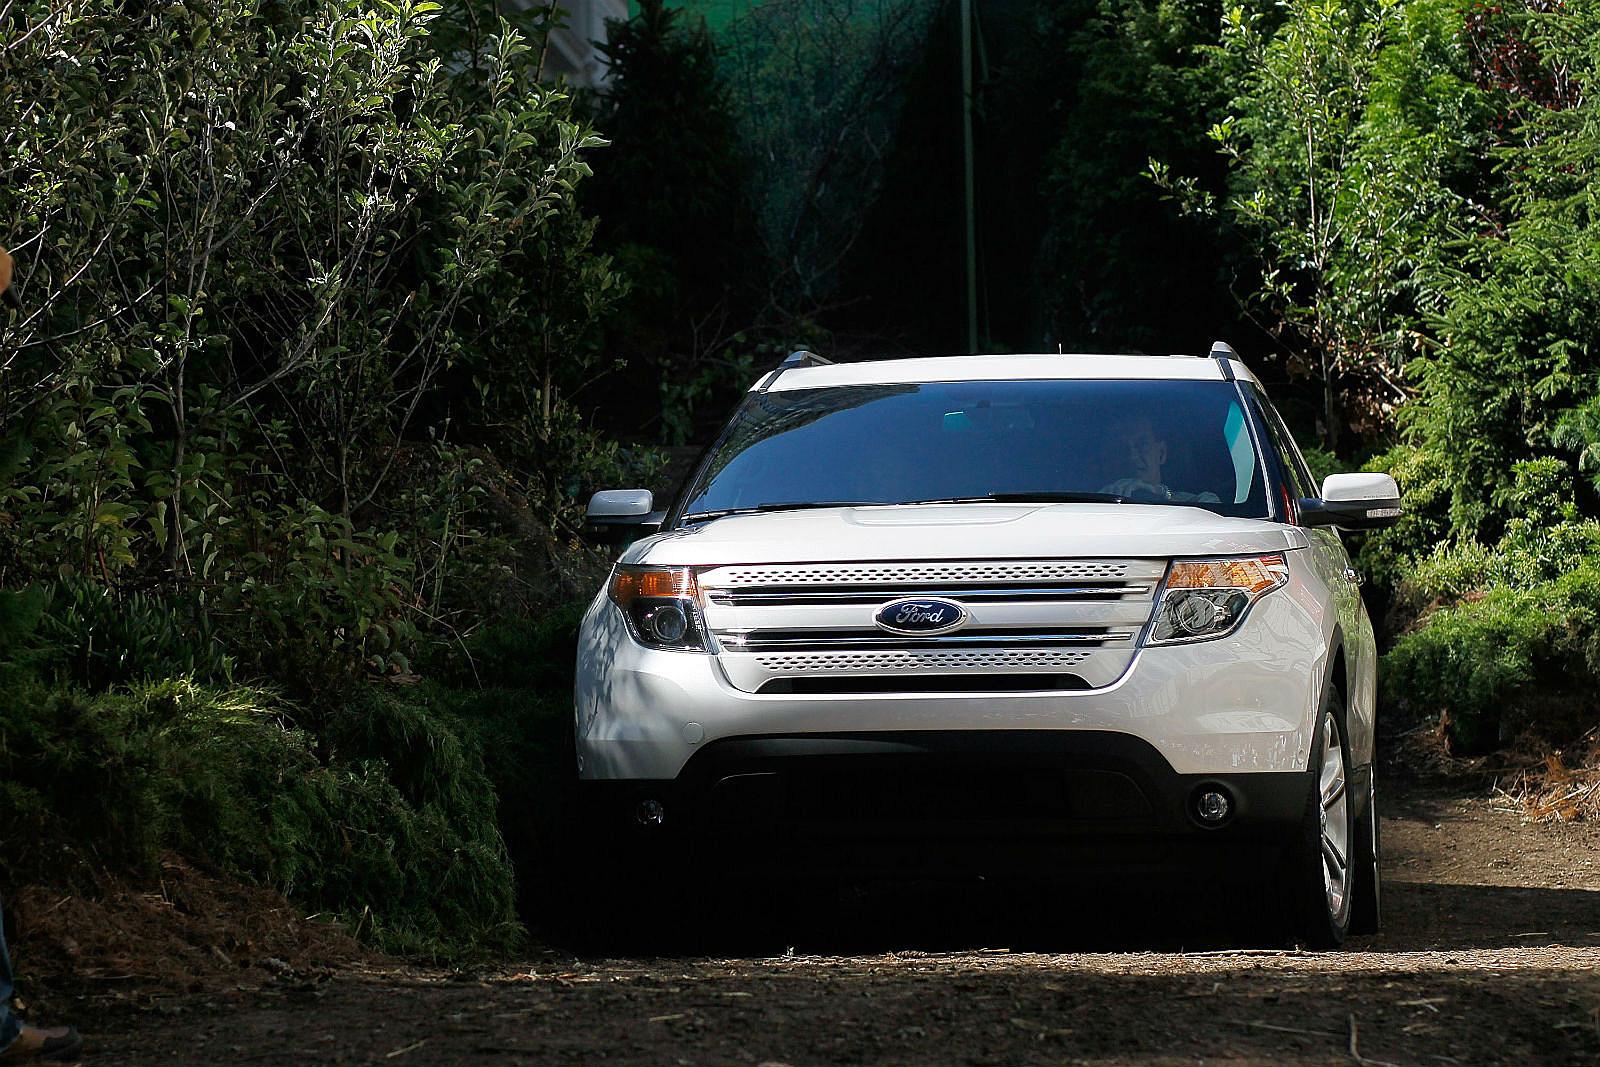 SUV_ Chris Hondros/Getty